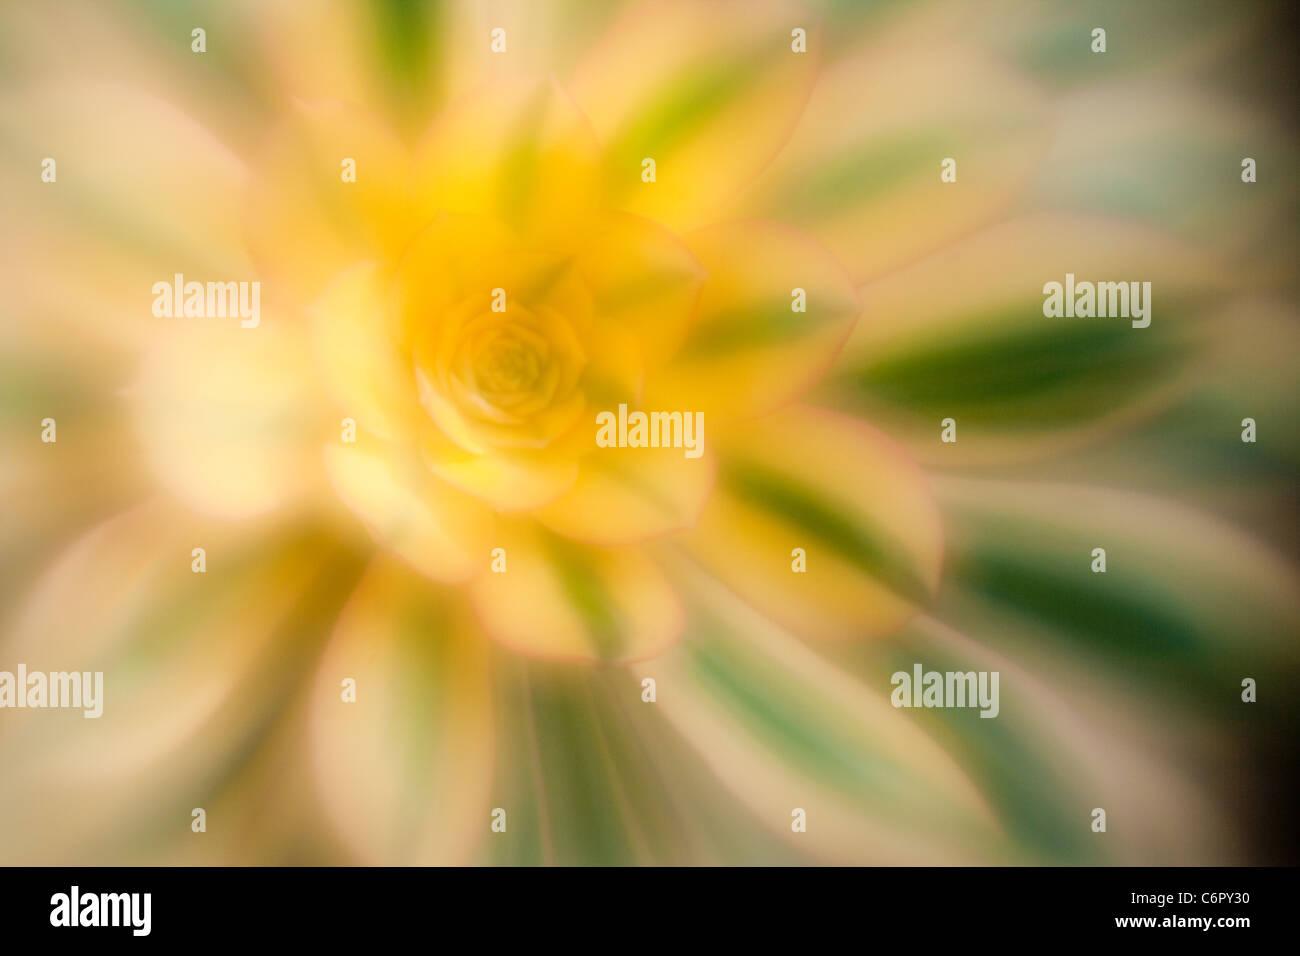 saftig, Lensbaby Soft Focus Optic Stockbild